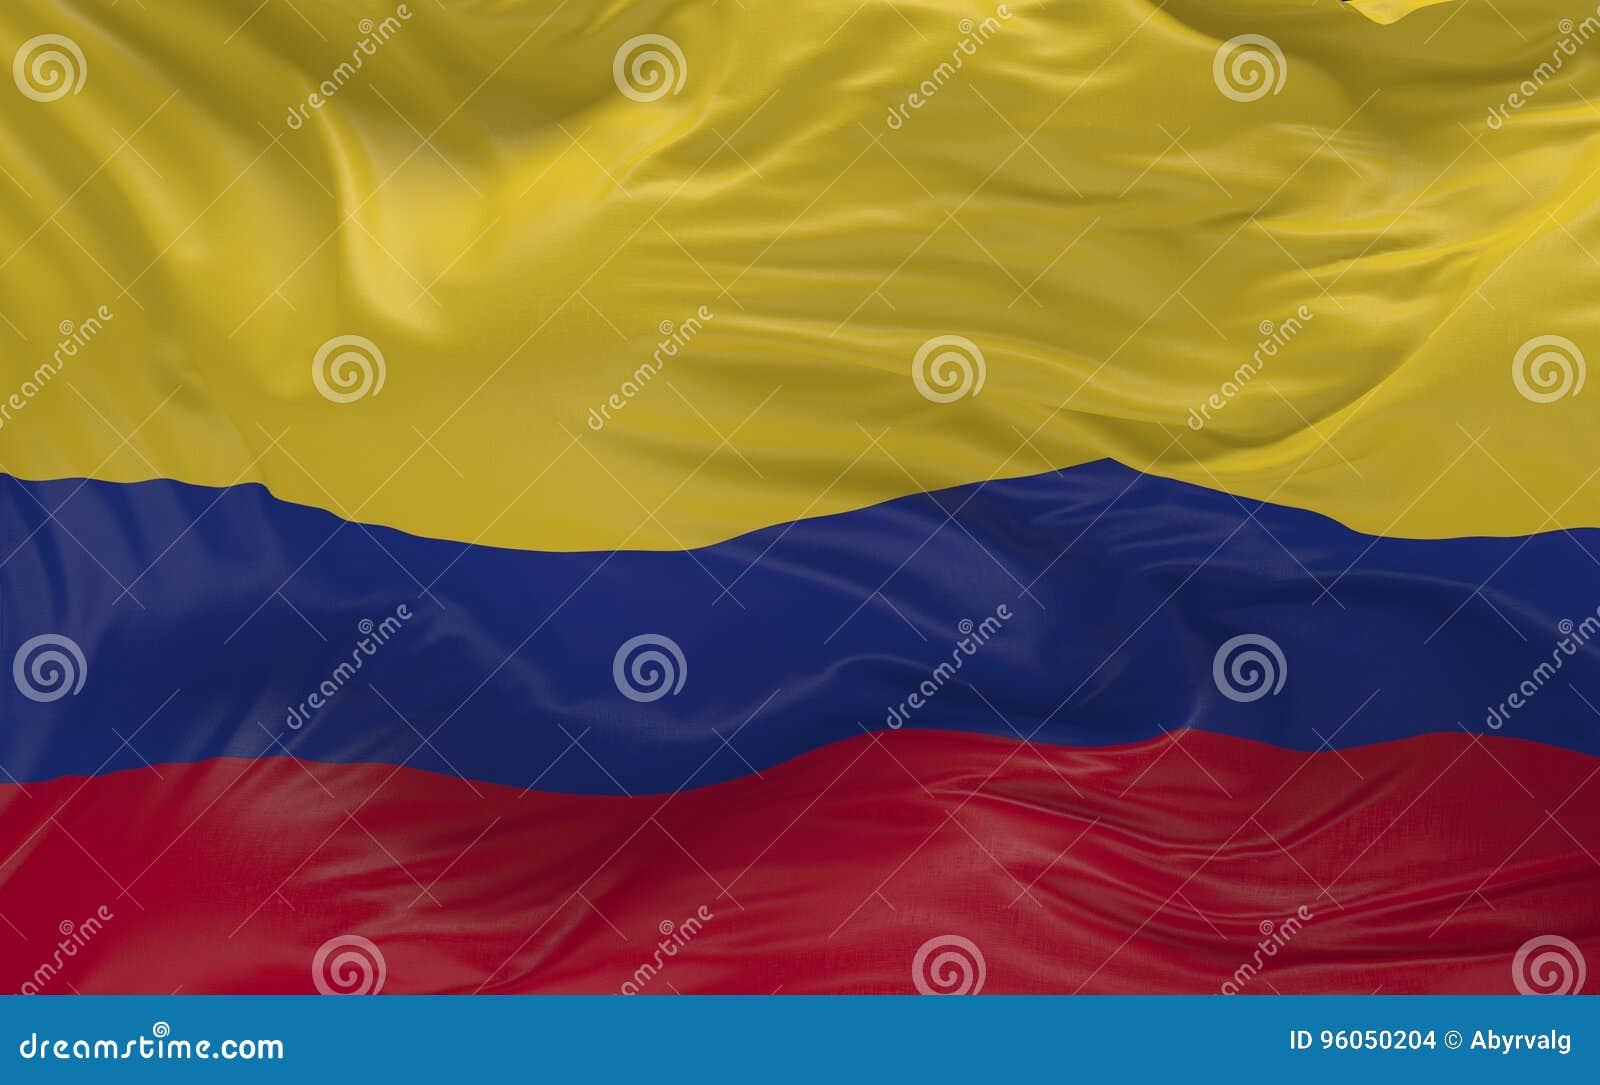 Le drapeau de la Colombie ondulant dans le vent 3d rendent